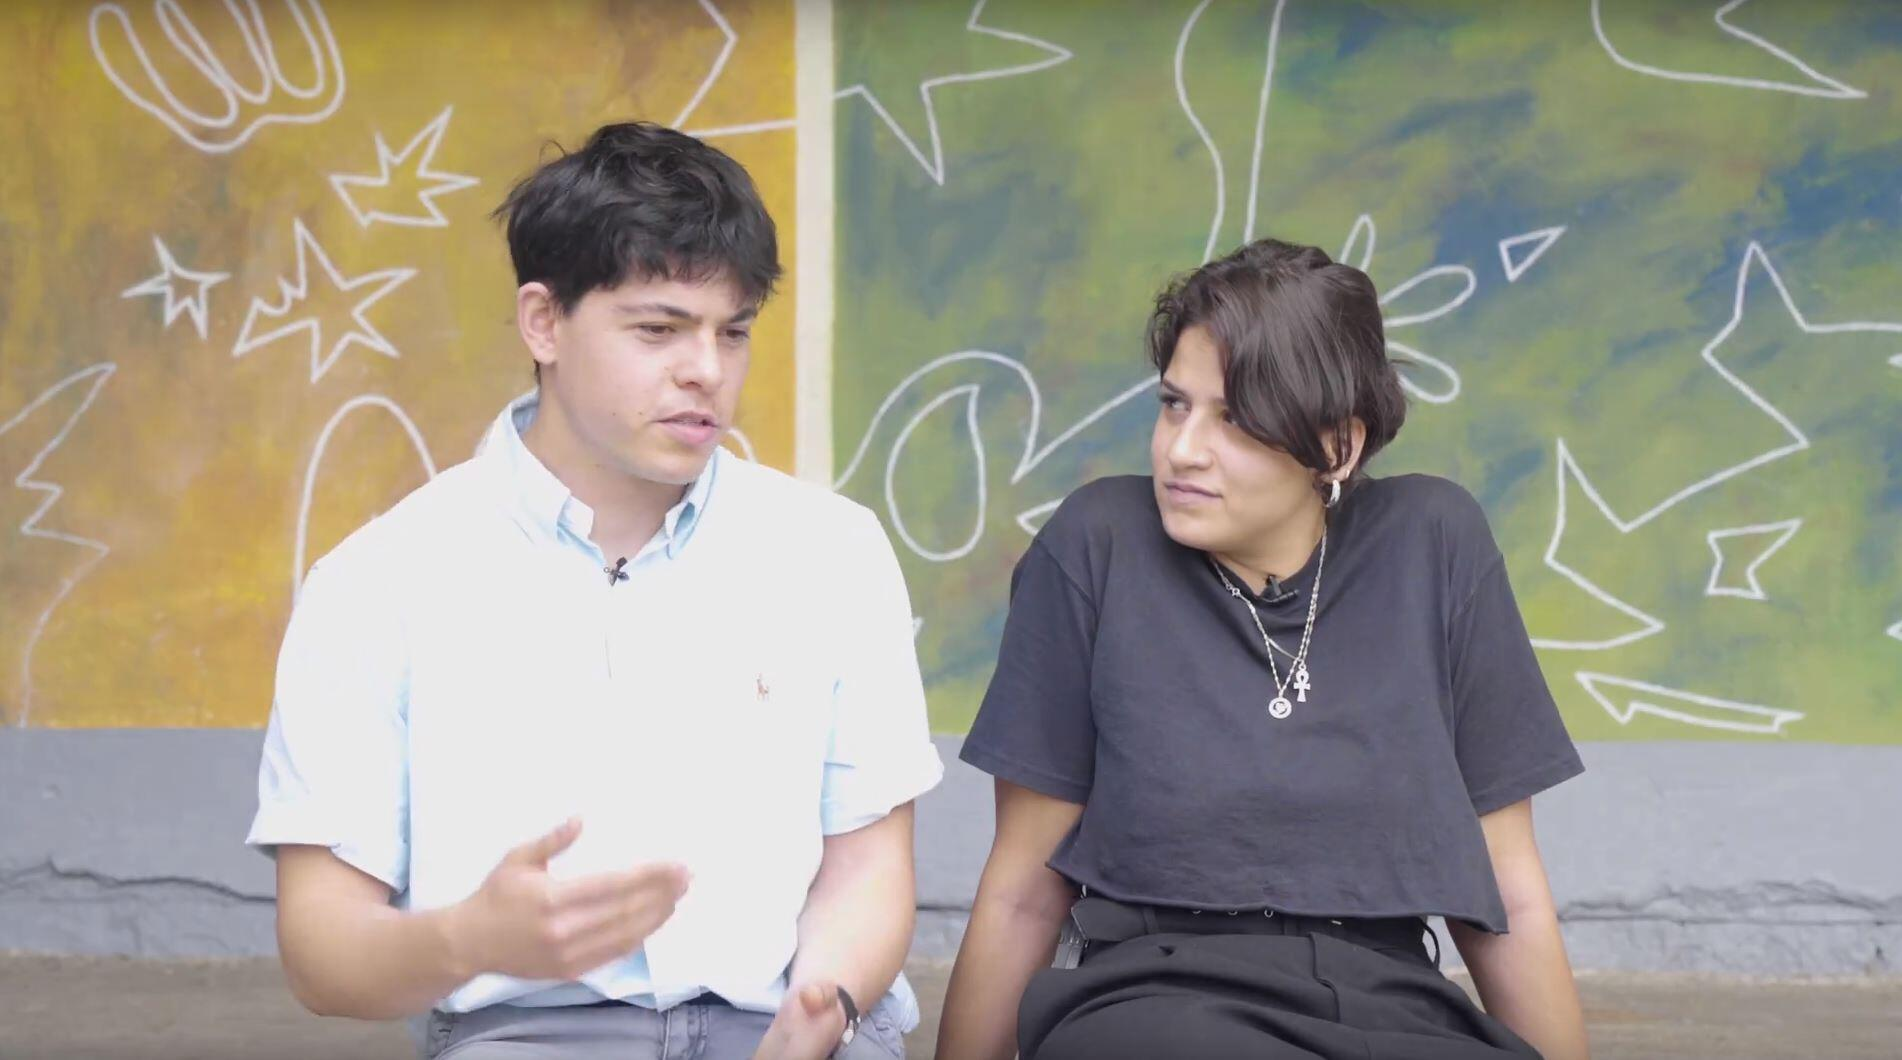 Capture d'écran extraite de la vidéo : W4R 2019, Greece - Sarah Mardini and Seán Binder.